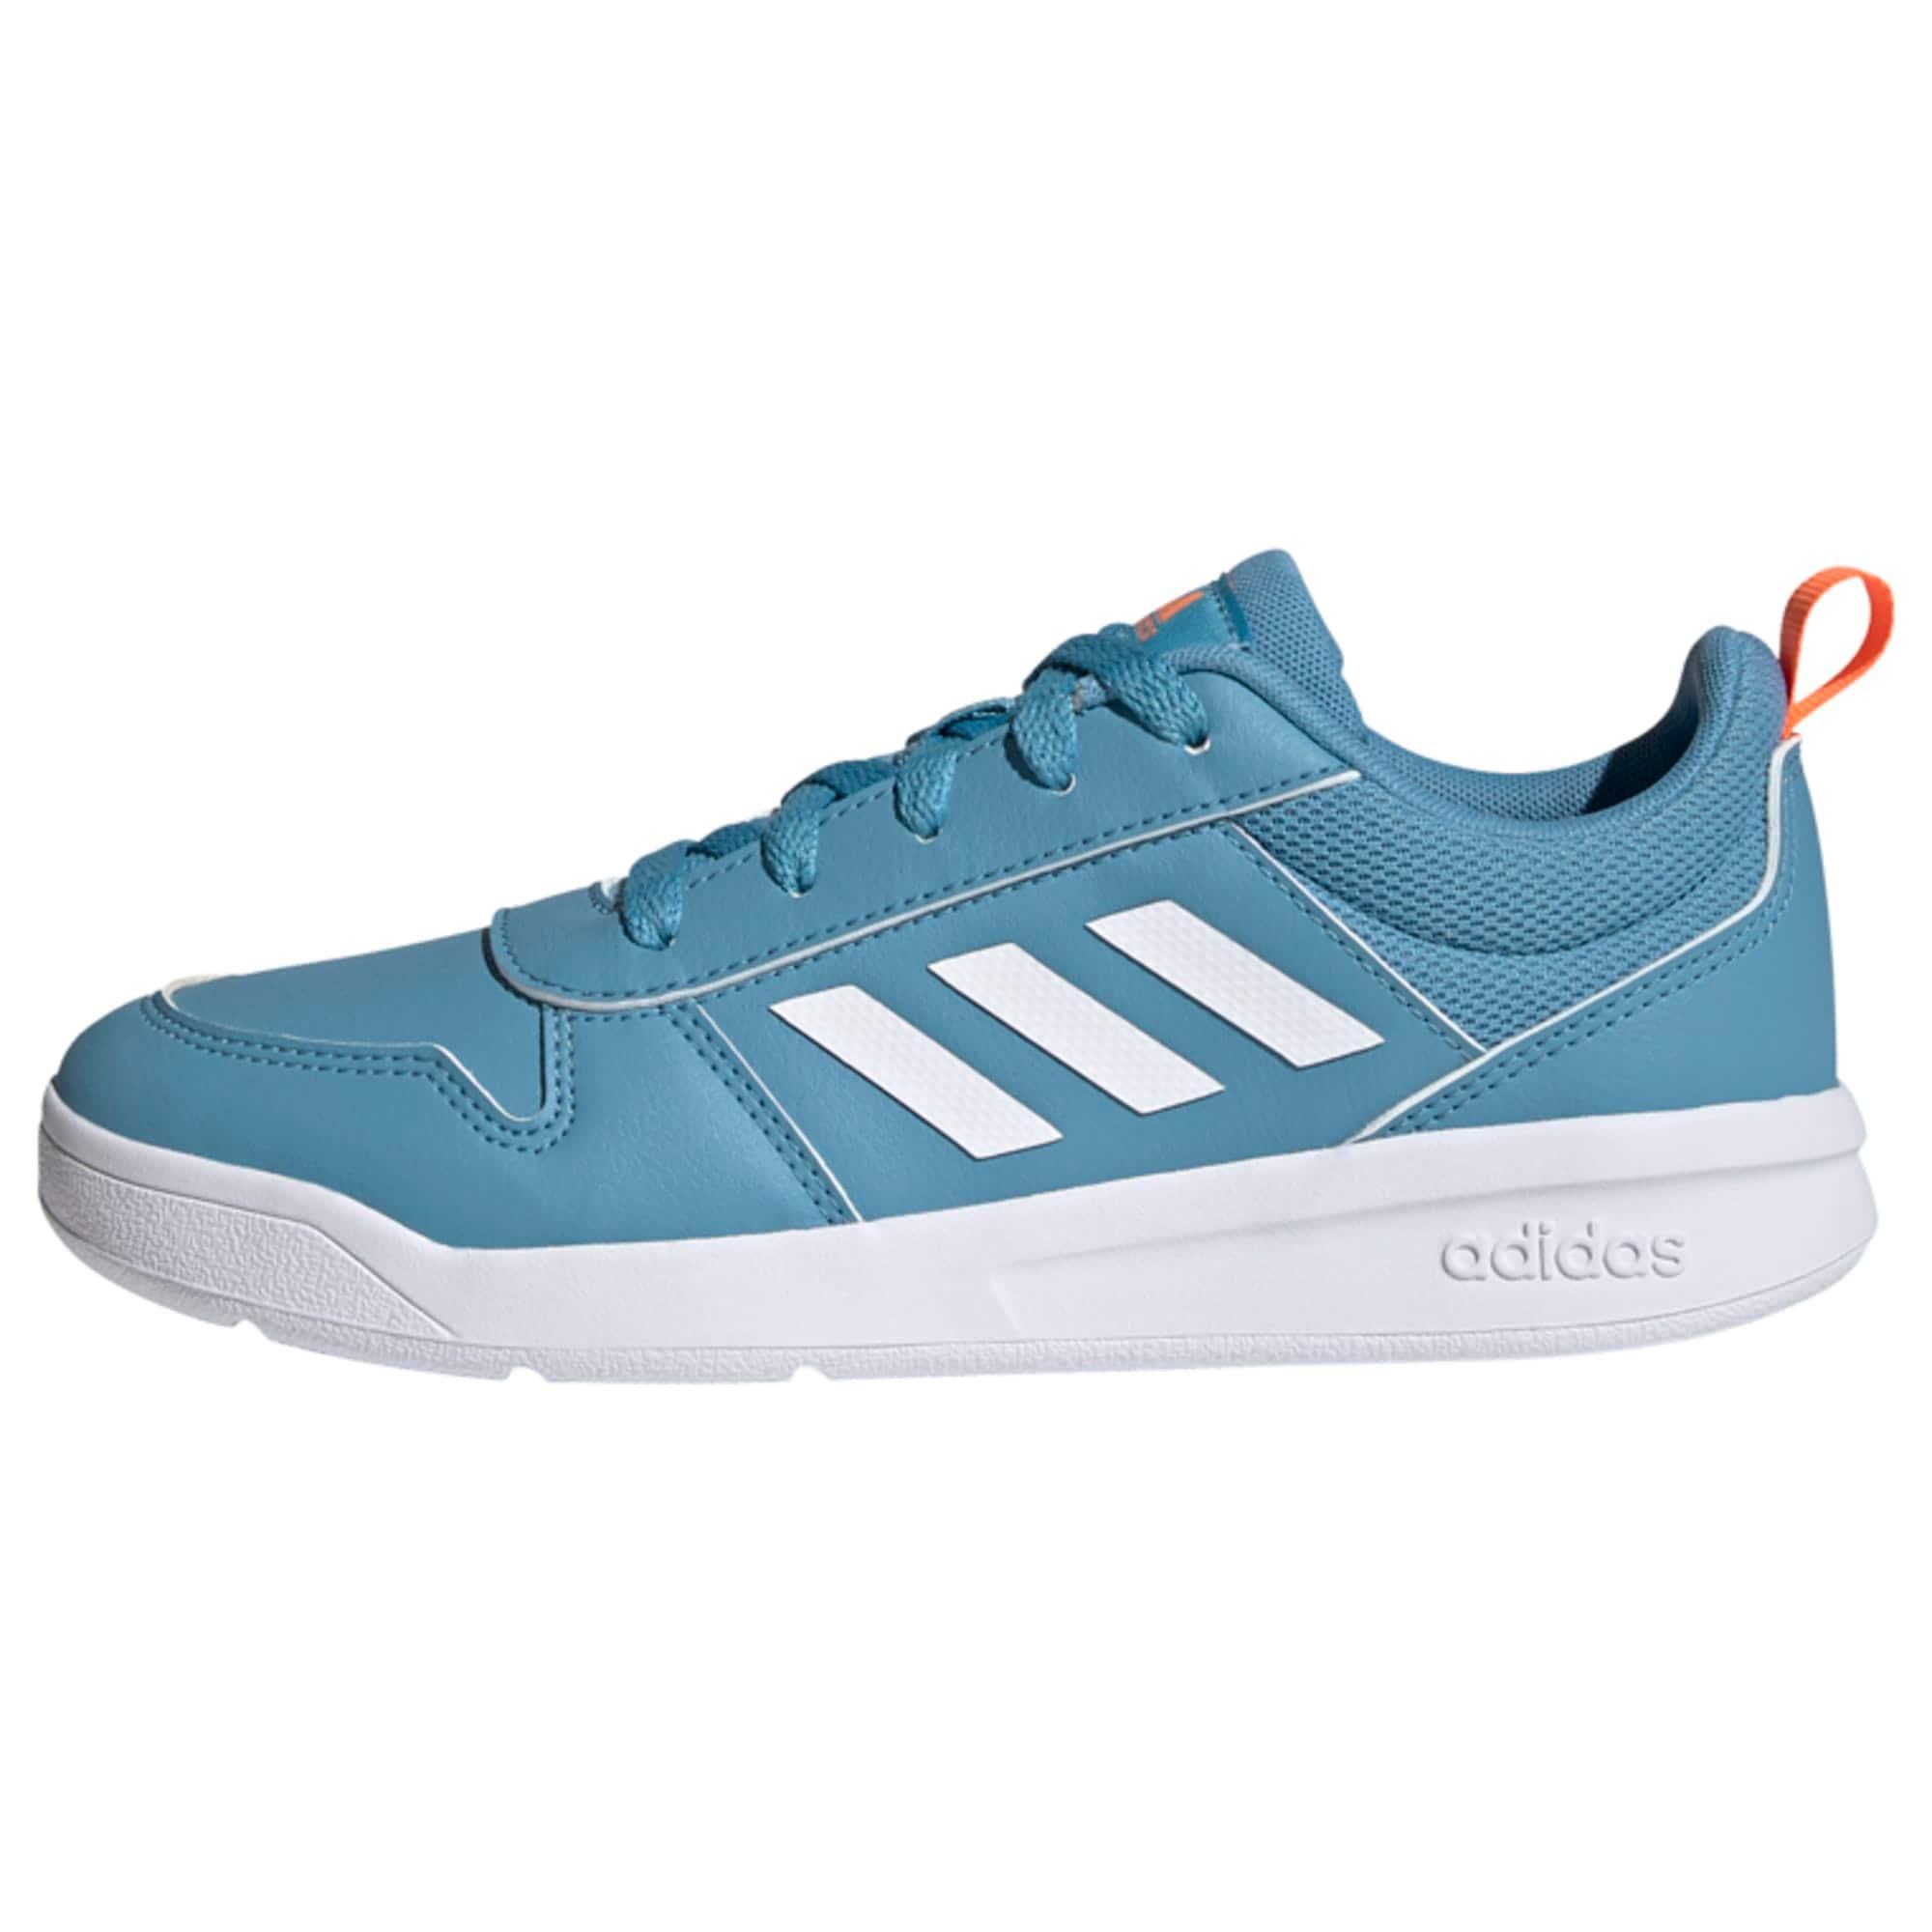 ADIDAS PERFORMANCE Sportiniai batai 'Tensaur' balta / oranžinė / mėlyna dūmų spalva